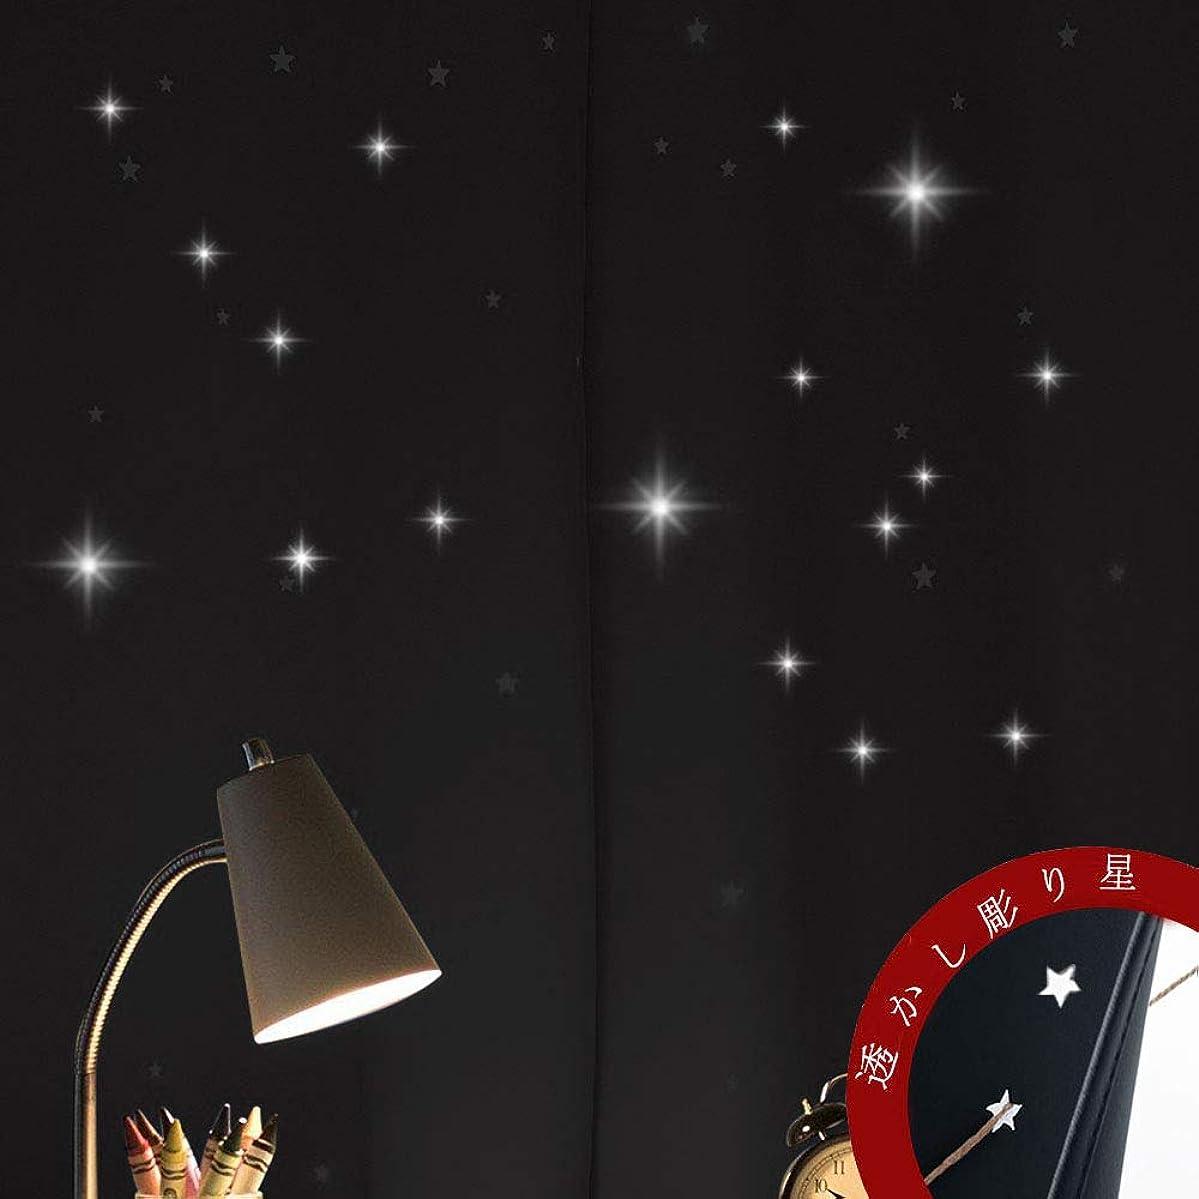 アテンダントれる消毒するPONY DANCE 透かし彫り星柄 カーテン 遮光 目隠し ベランダ 寝室 子供部屋 風呂場 台所 星 キラキラ おしゃれ かわいい 2枚組 幅100cm丈178cm ブラック